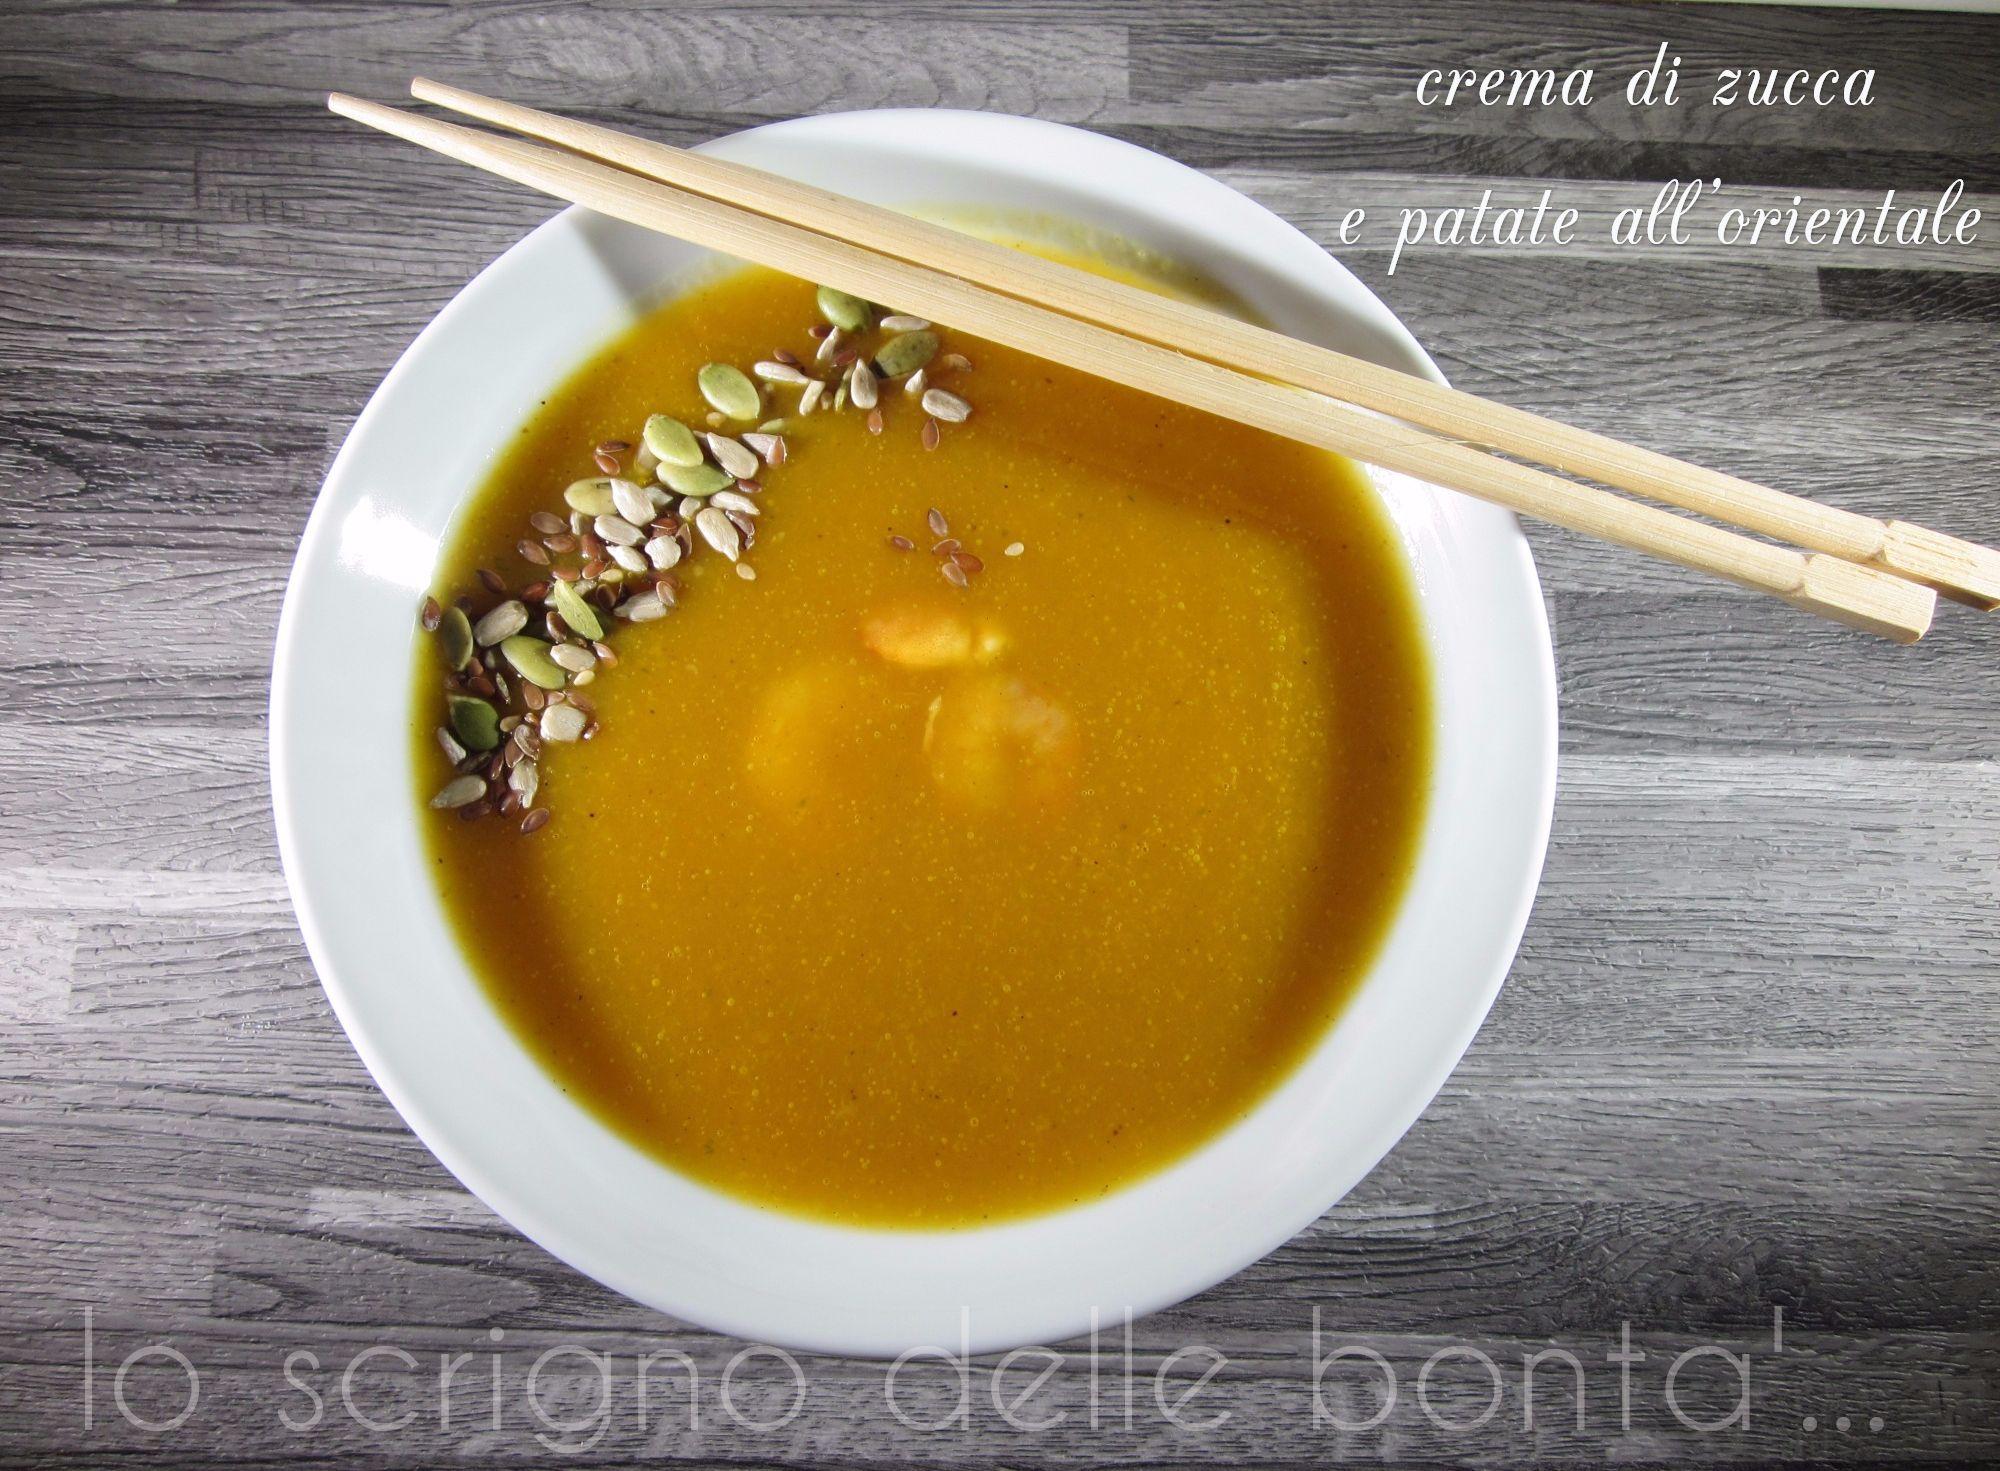 Ricetta Zucca Orientale.Crema Di Zucca E Patate All Orientale